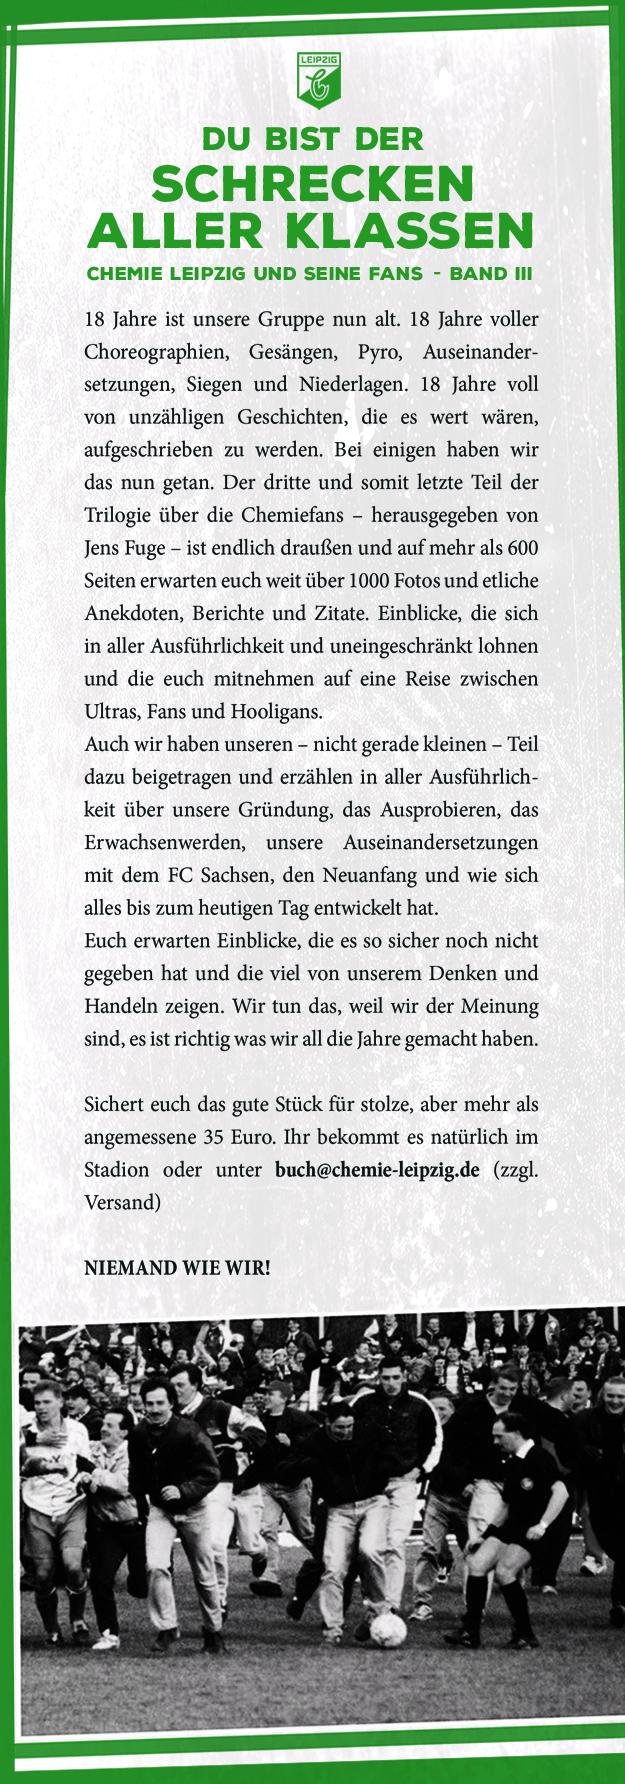 Chemie Leipzig und seine Fans III